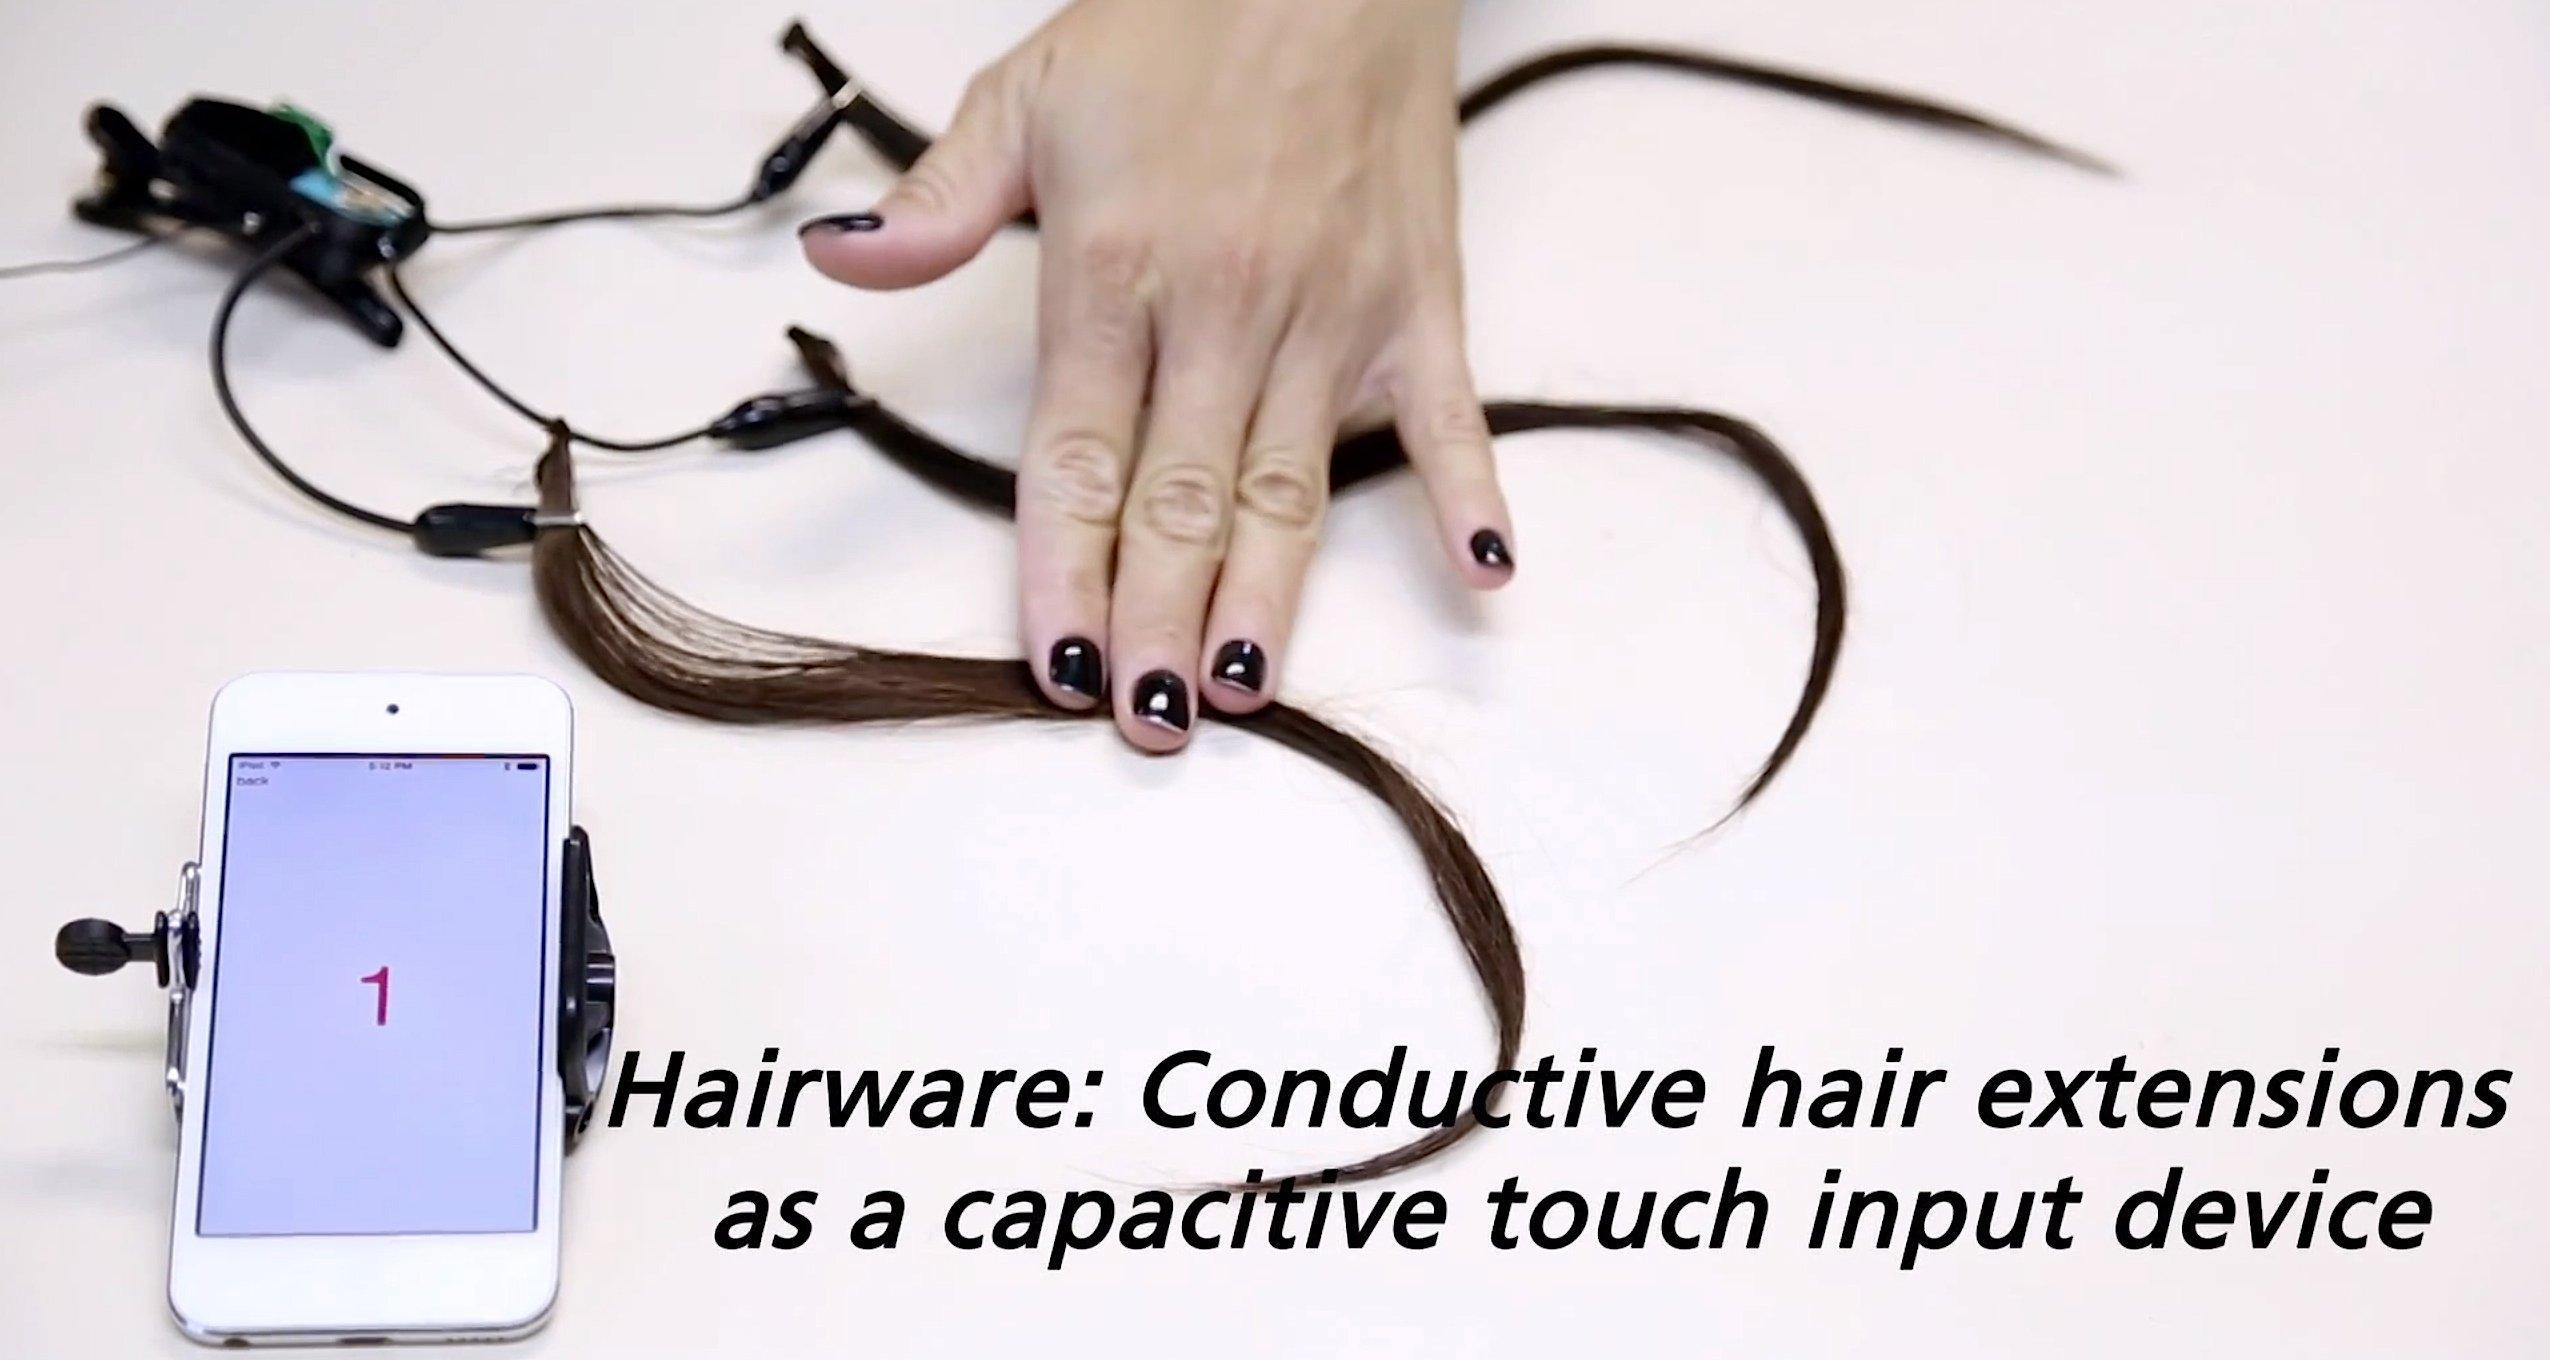 Durch Berührung der künstlichen Haarsträhnen wird ein Signal ausgelöst, das per Bluetooth an ein Smartphone übertragen wird. Dadurch können Frauen sogar unbemerkt einen Notruf auslösen.